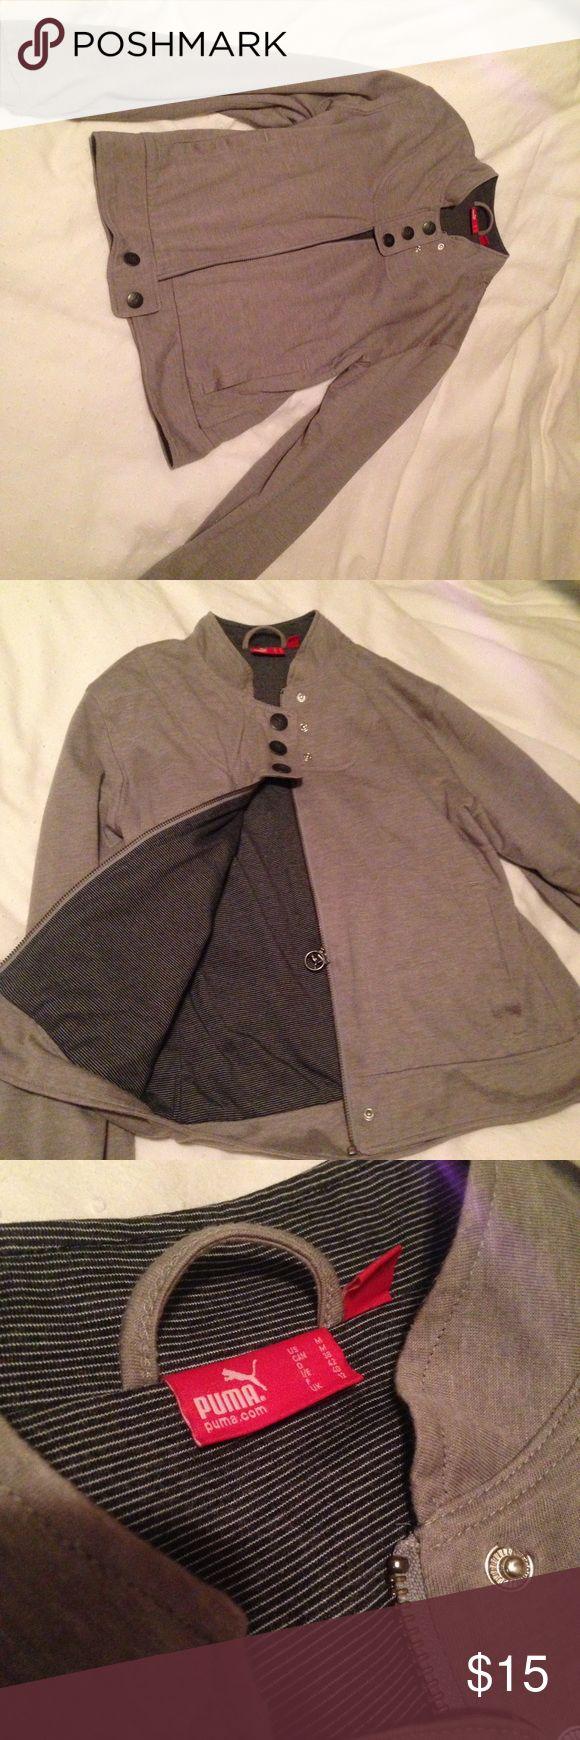 Puma jacket Super cute Puma gray zip up jacket . Puma Jackets & Coats